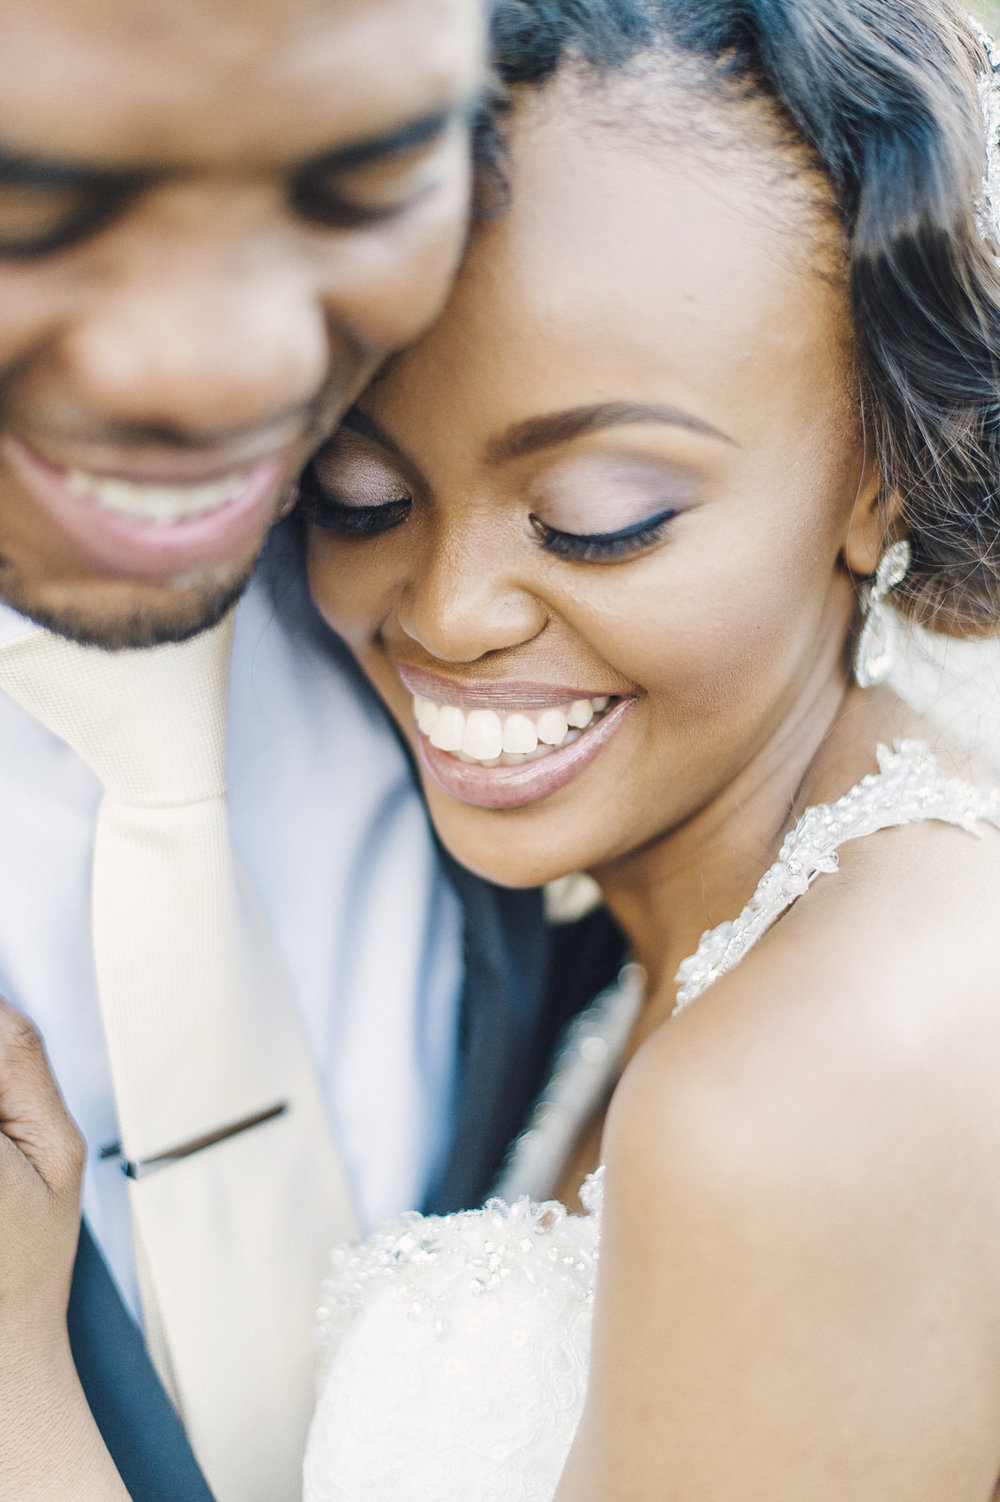 RyanParker_WeddingPhotographer_FineArt_CapeTown_Johannesburg_Hermanus_Avianto_T&L_DSC_9259.jpg